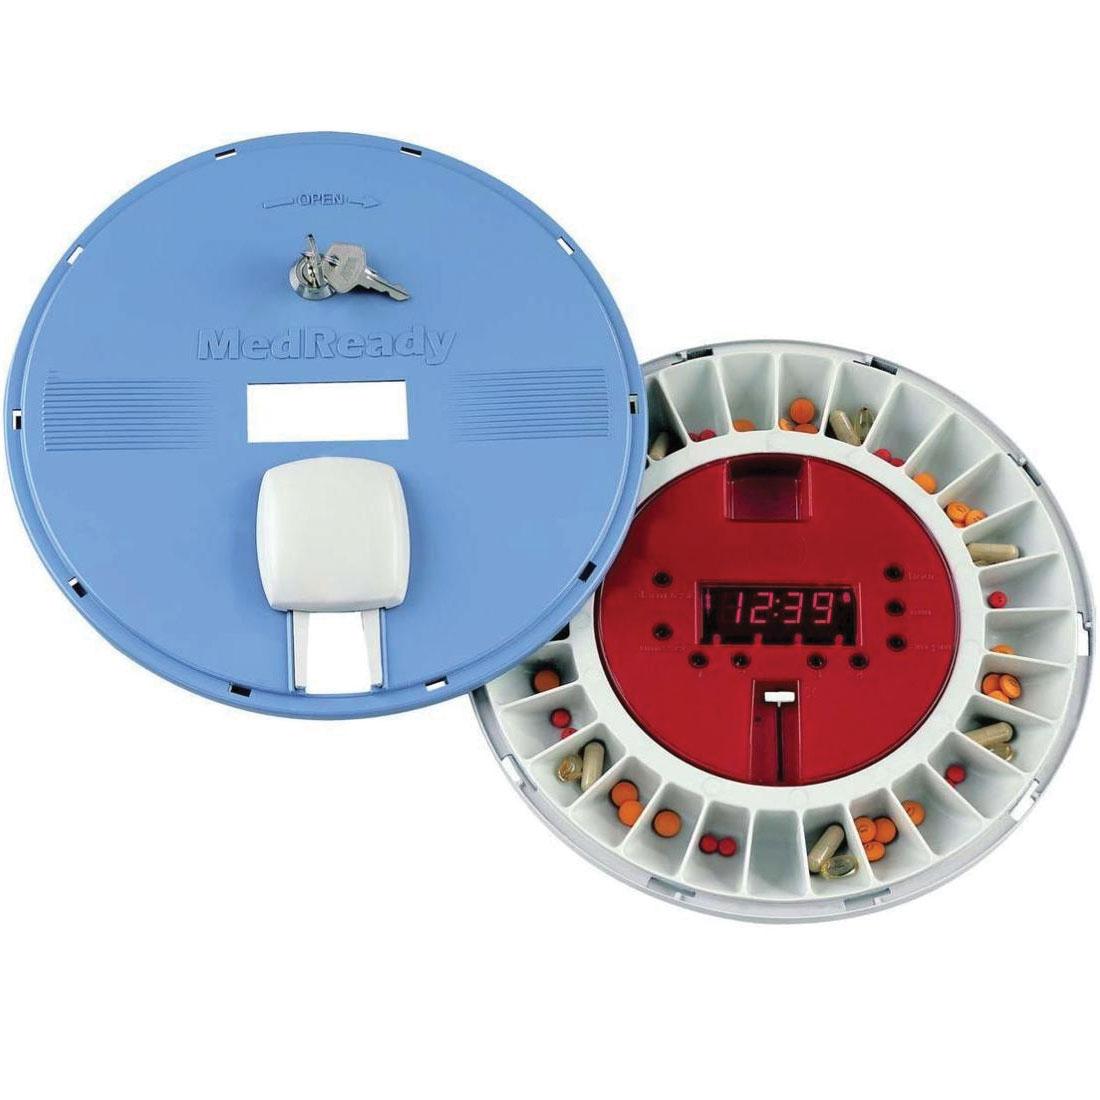 MedReady 1700 Medication Pill Dispenser